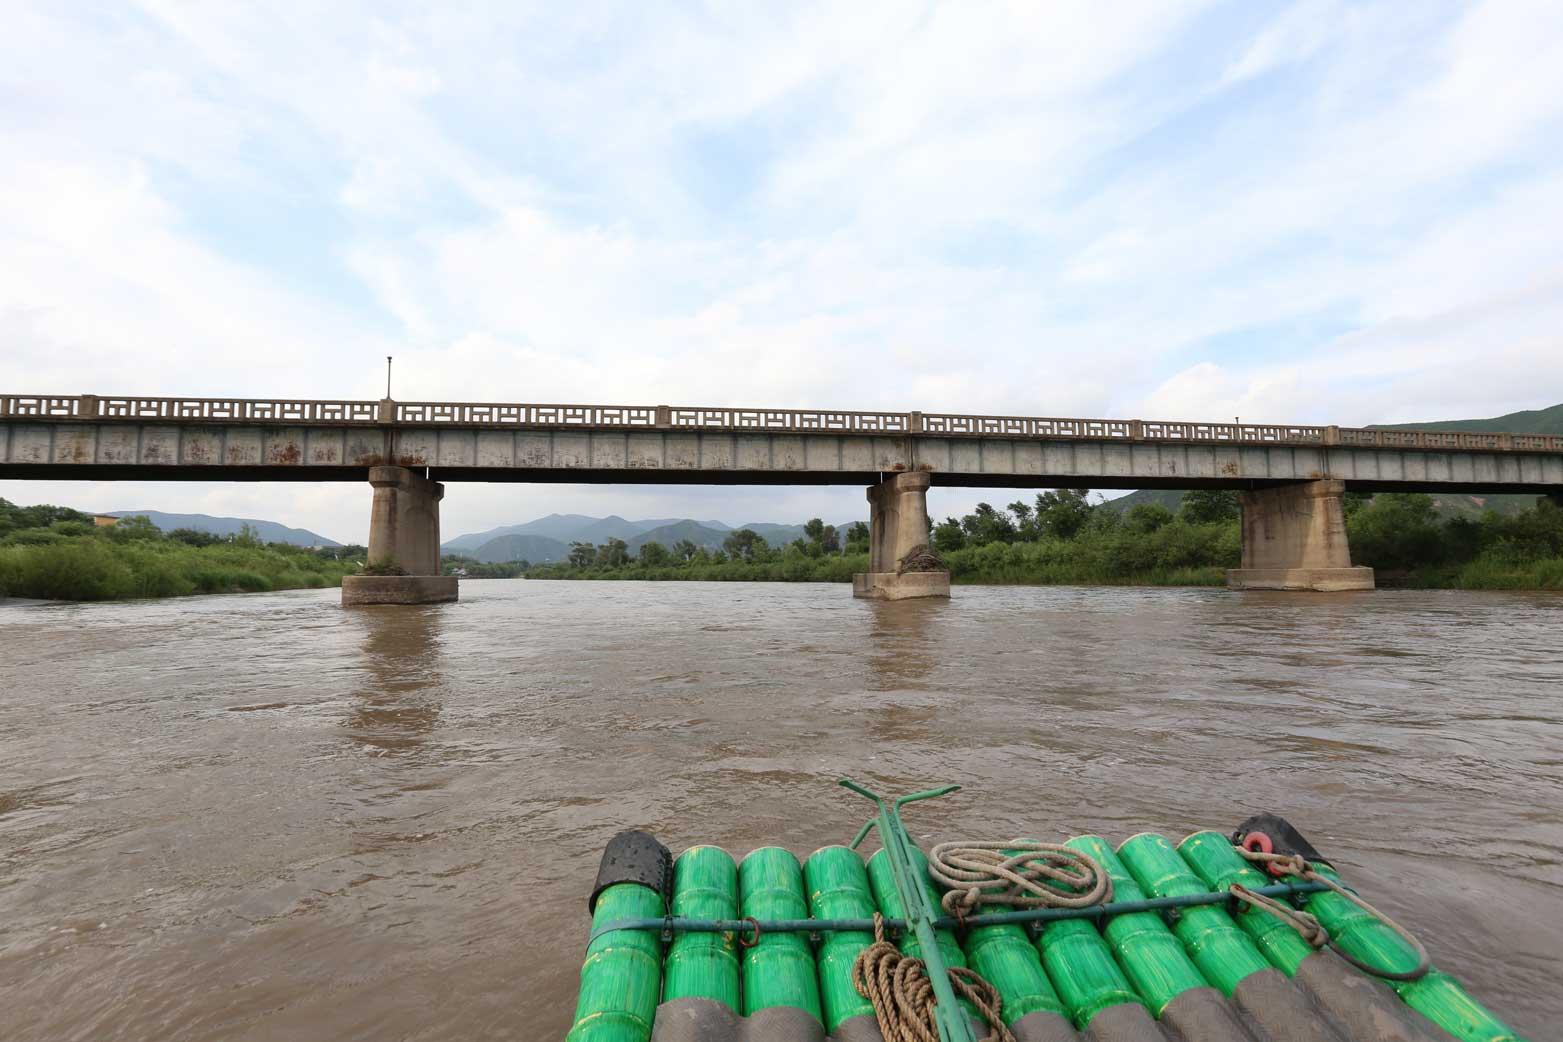 図們江で遊覧ボート乗船。草むらからこちらを覗く北朝鮮兵にドキリ_b0235153_1614348.jpg